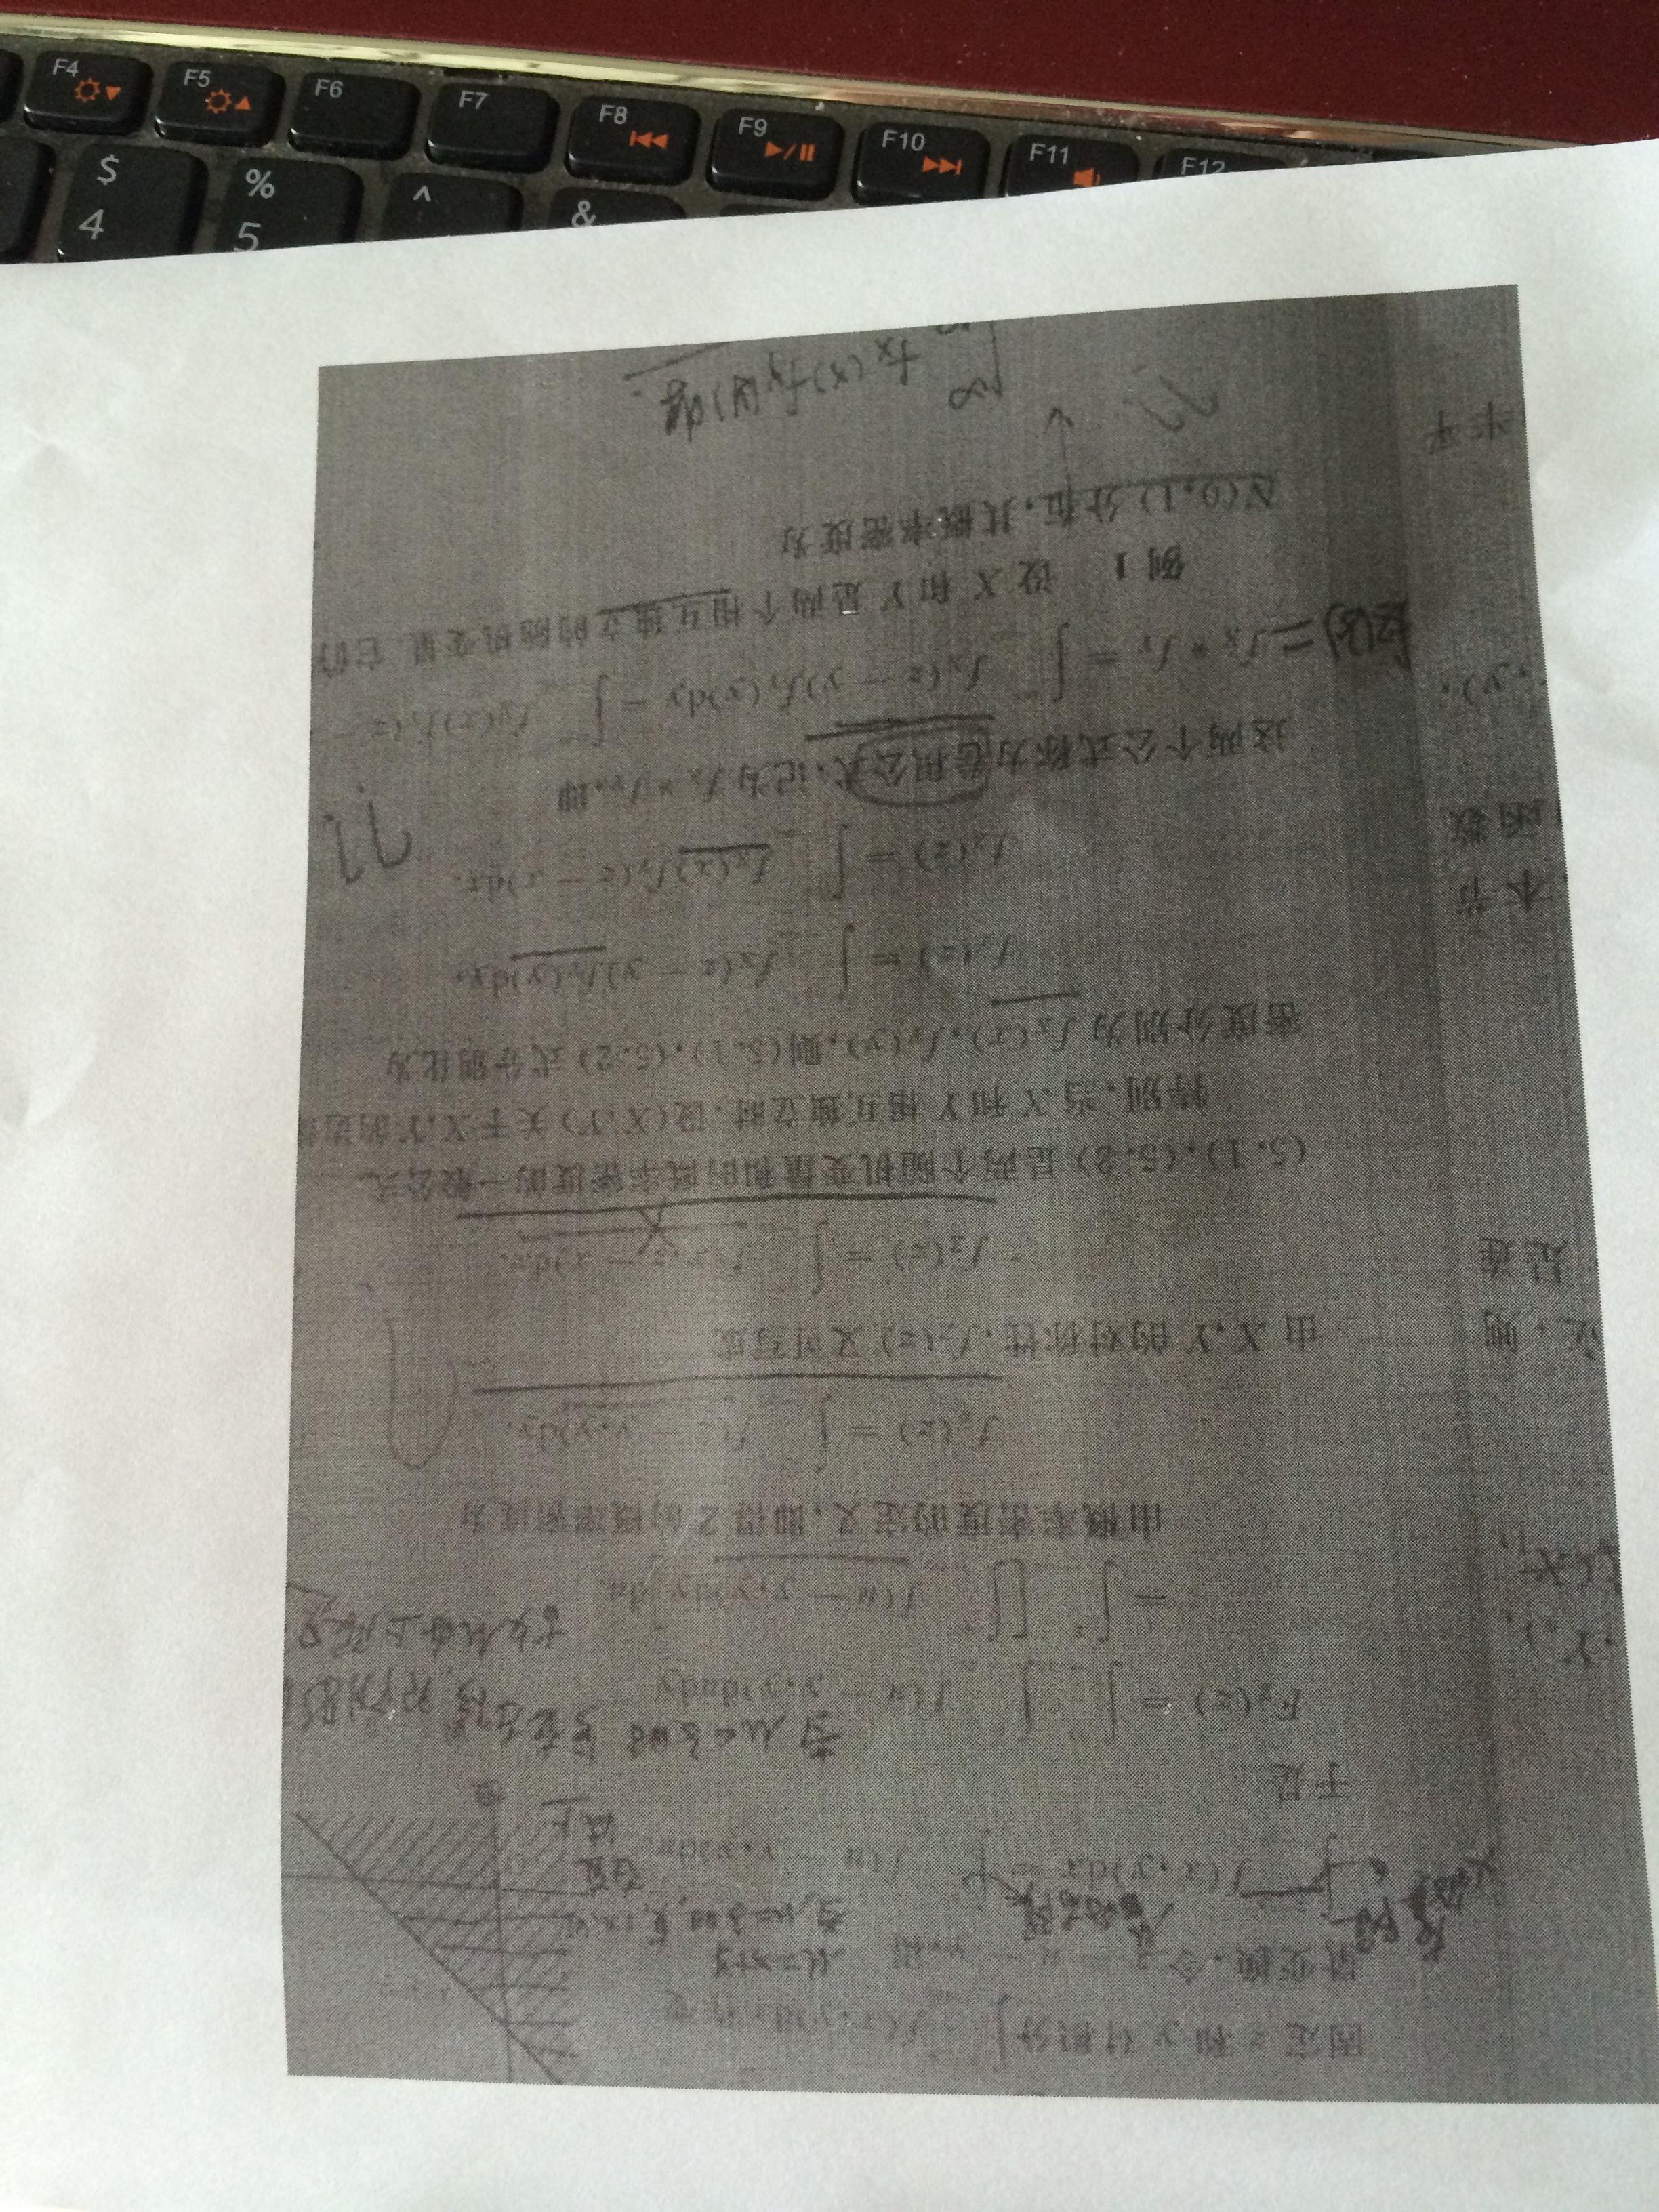 福州 日报 电子 版